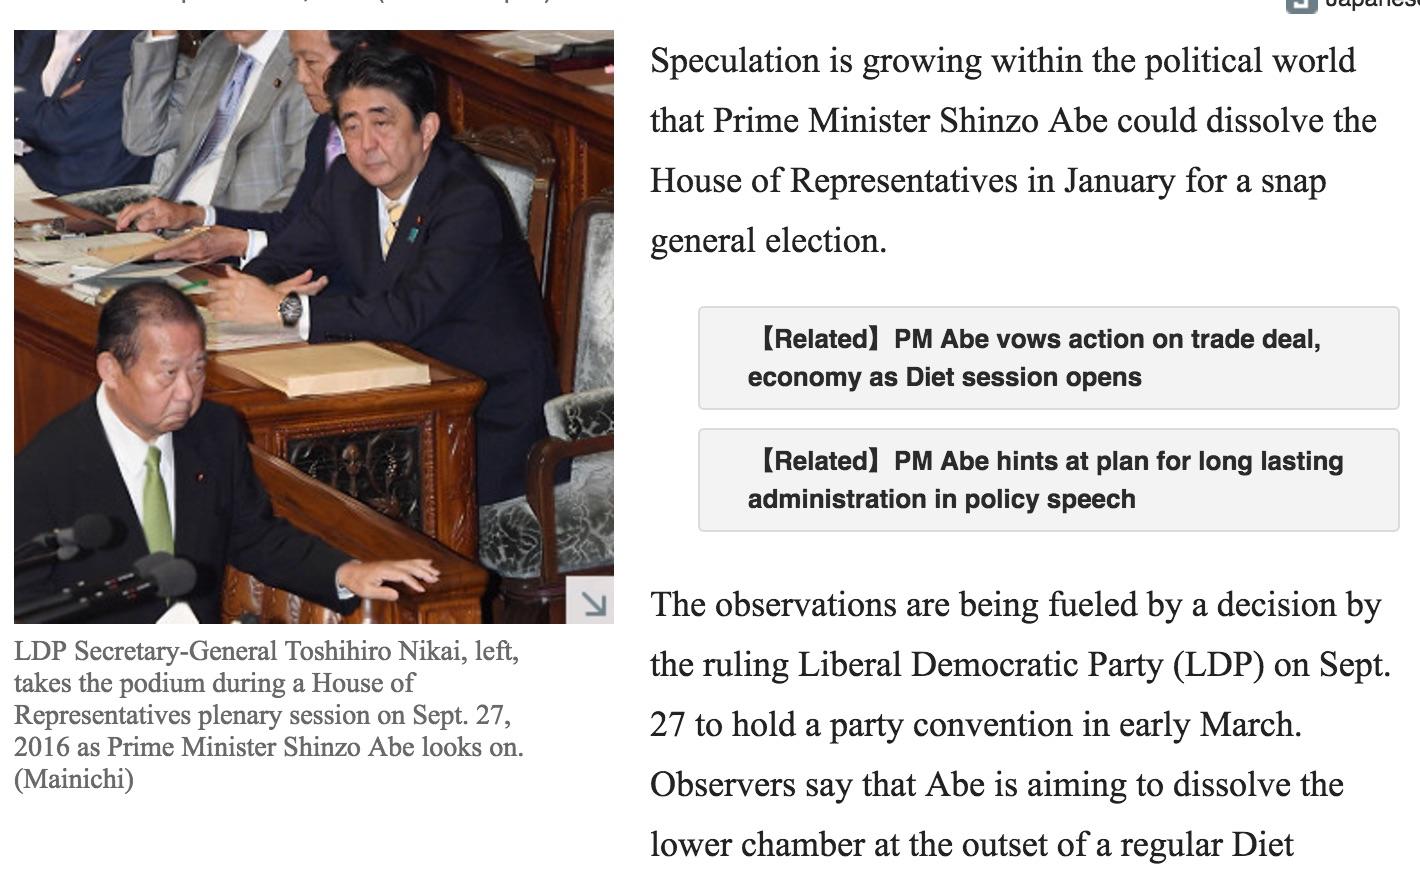 Ces rumeurs font suite à l'annonce du parti démocratique libéral au pouvoir de reculer de janvier à mars la tenue de la convention annuelle du parti. Copie d'écran de Mainichi, le 29 septembre 2016.